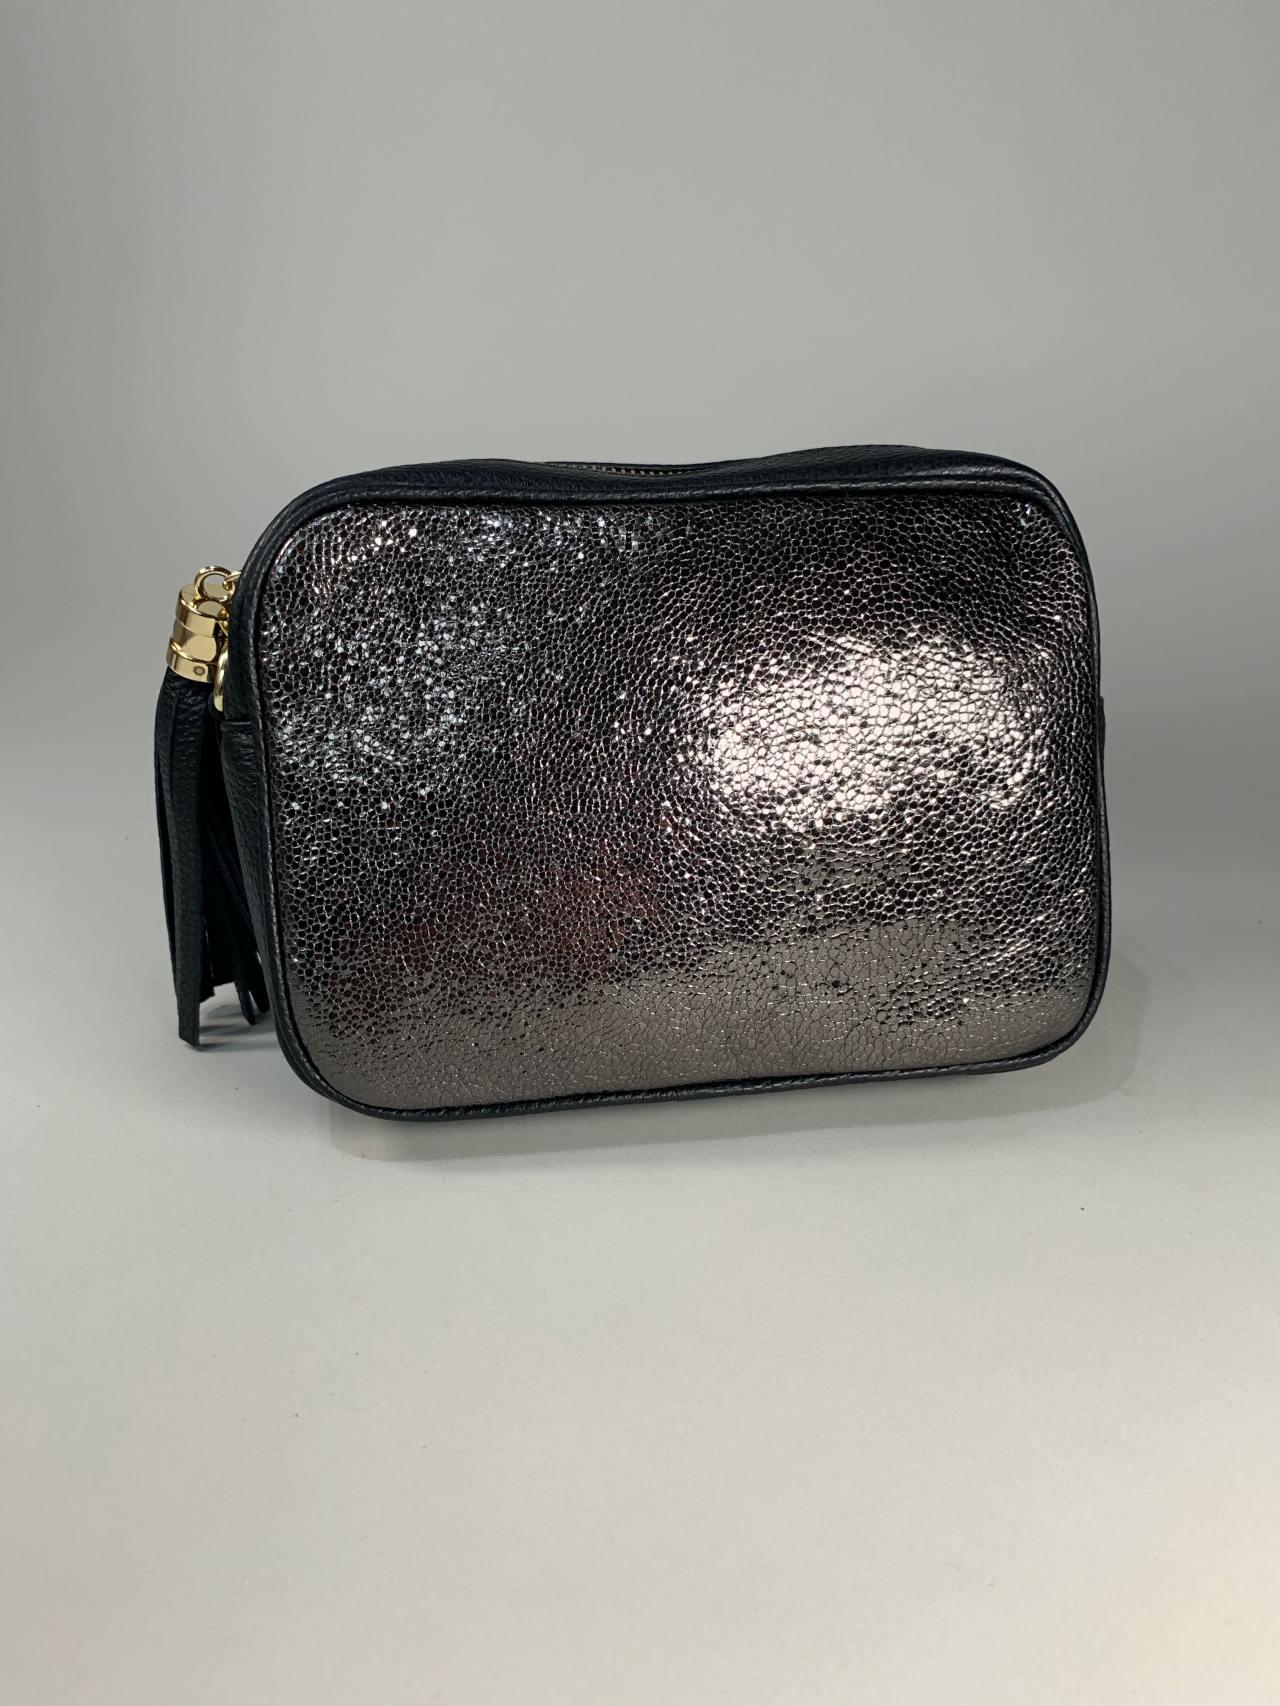 Kožená kabelka Lola černostříbrná -02